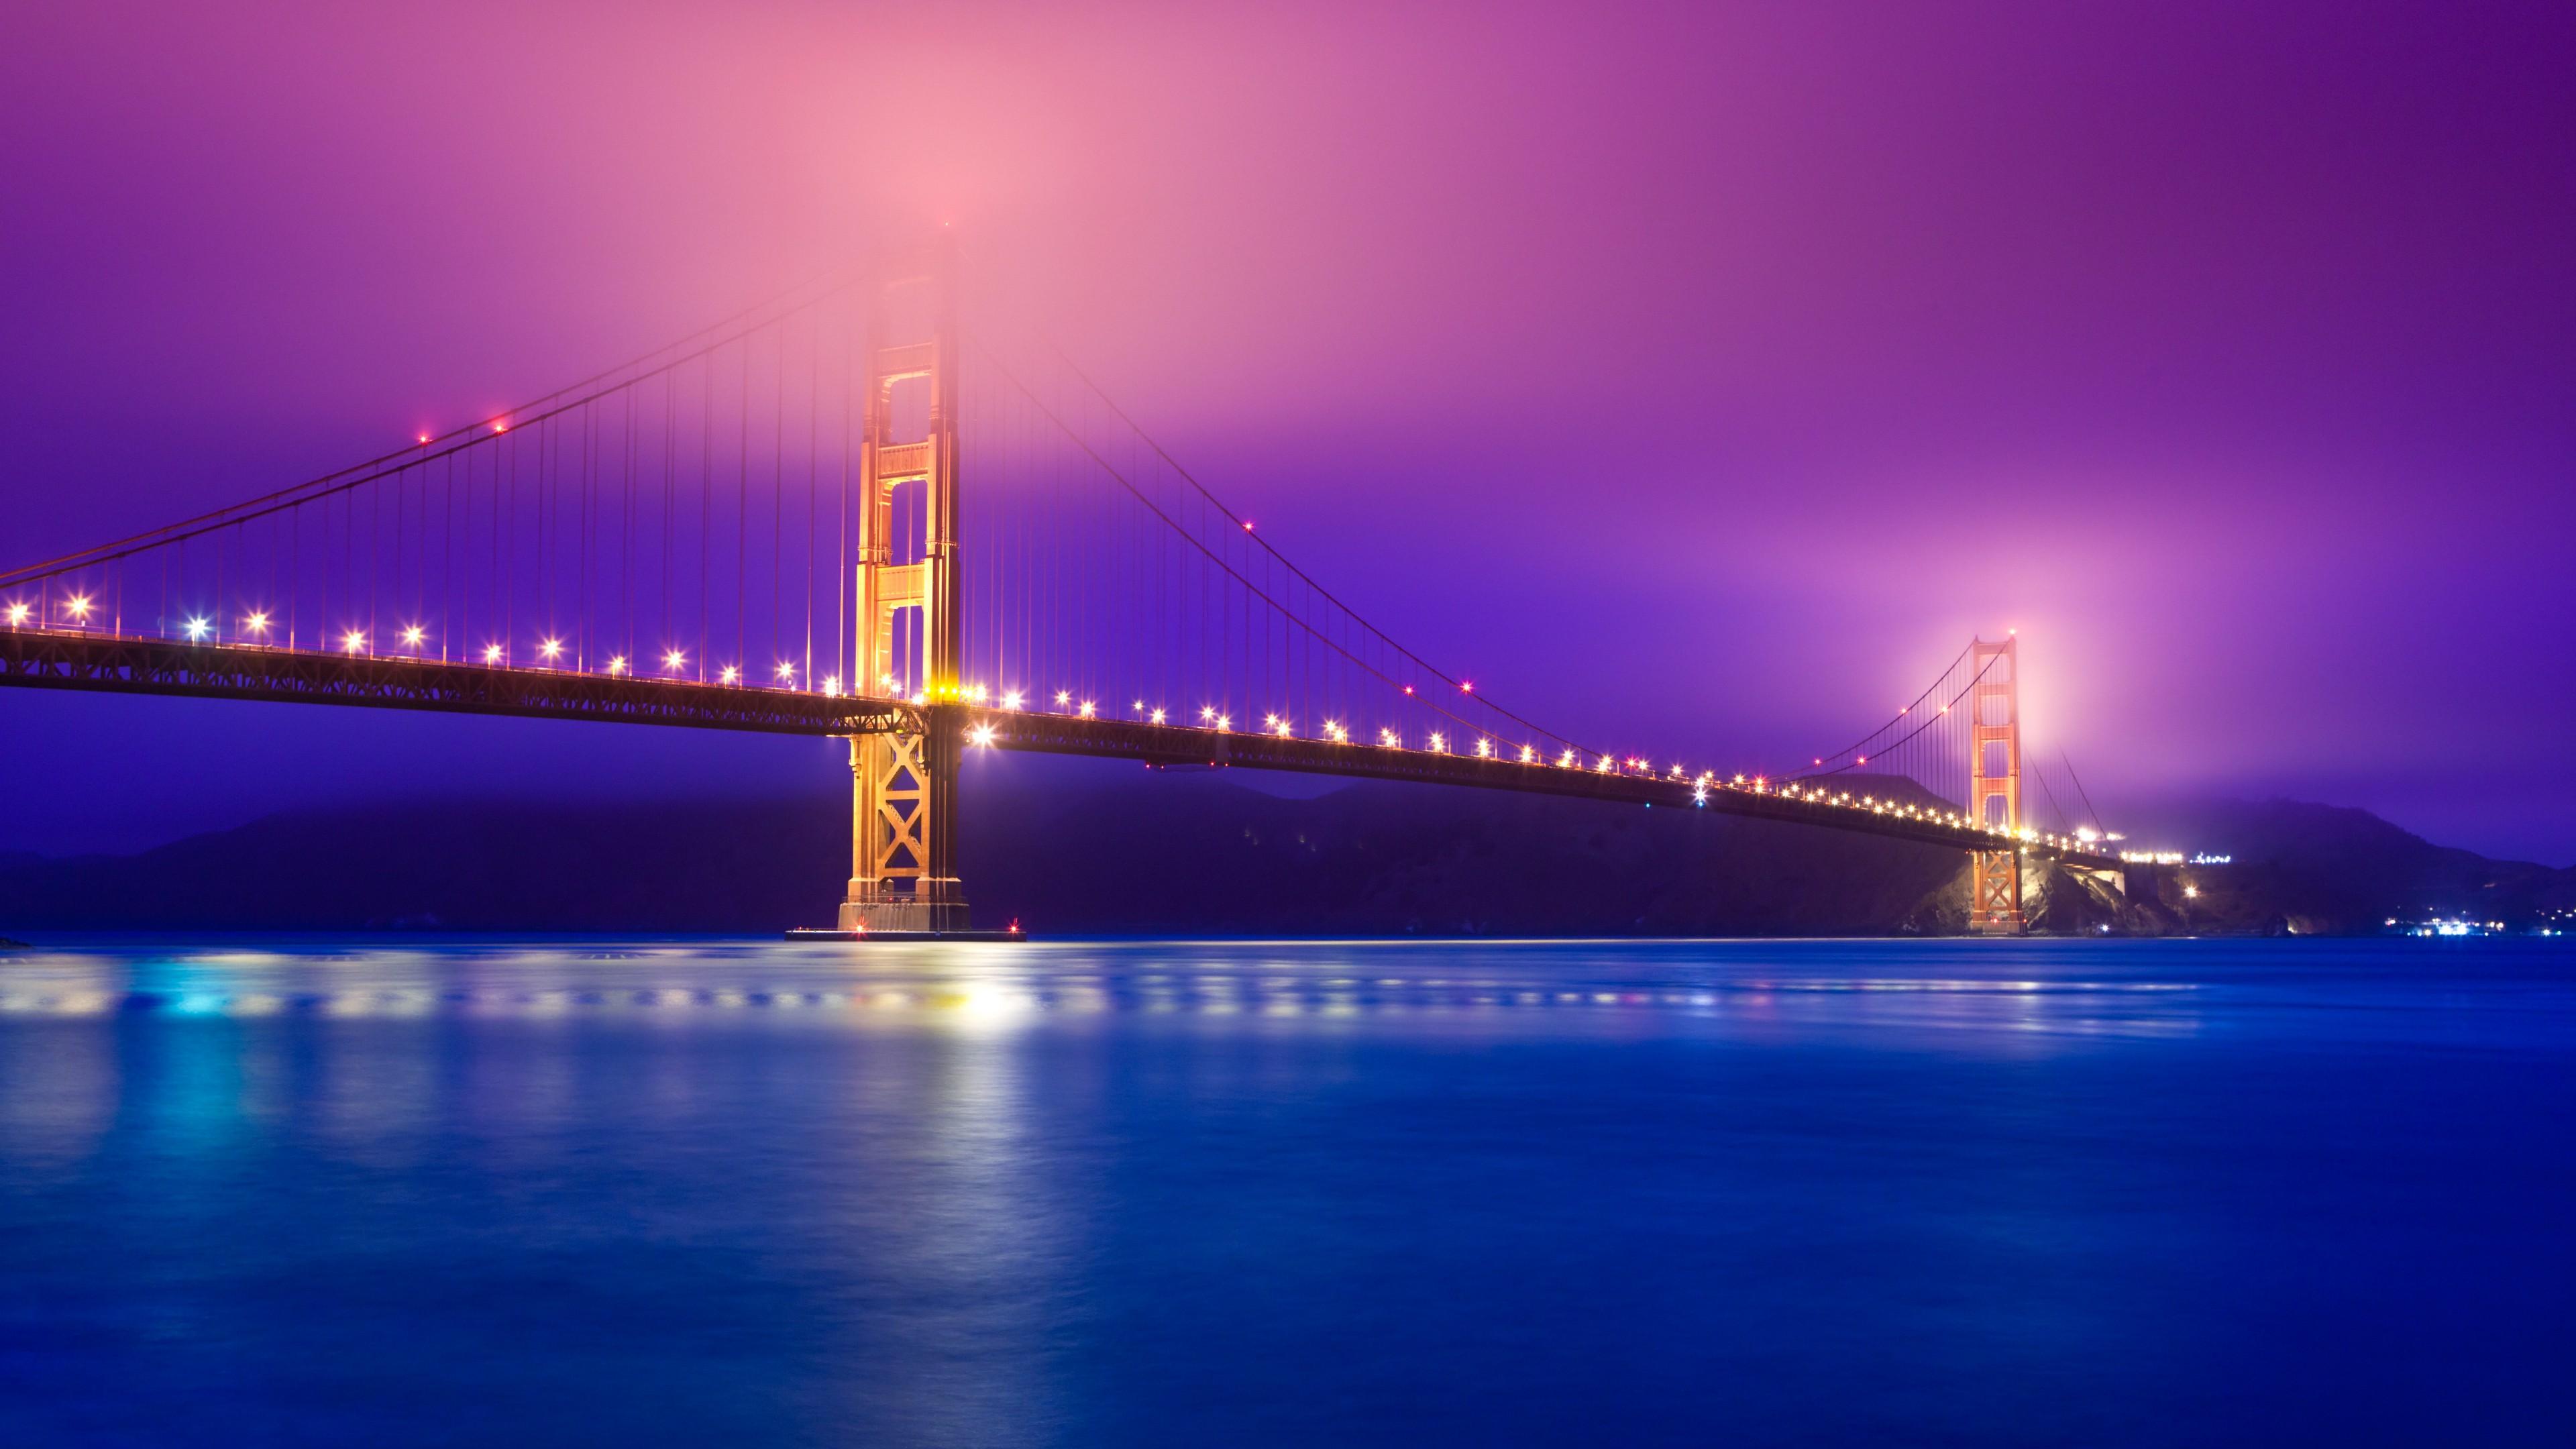 Розовый закат солнца над мостом Золотые ворота с отблеском огней, отражающих в заливе